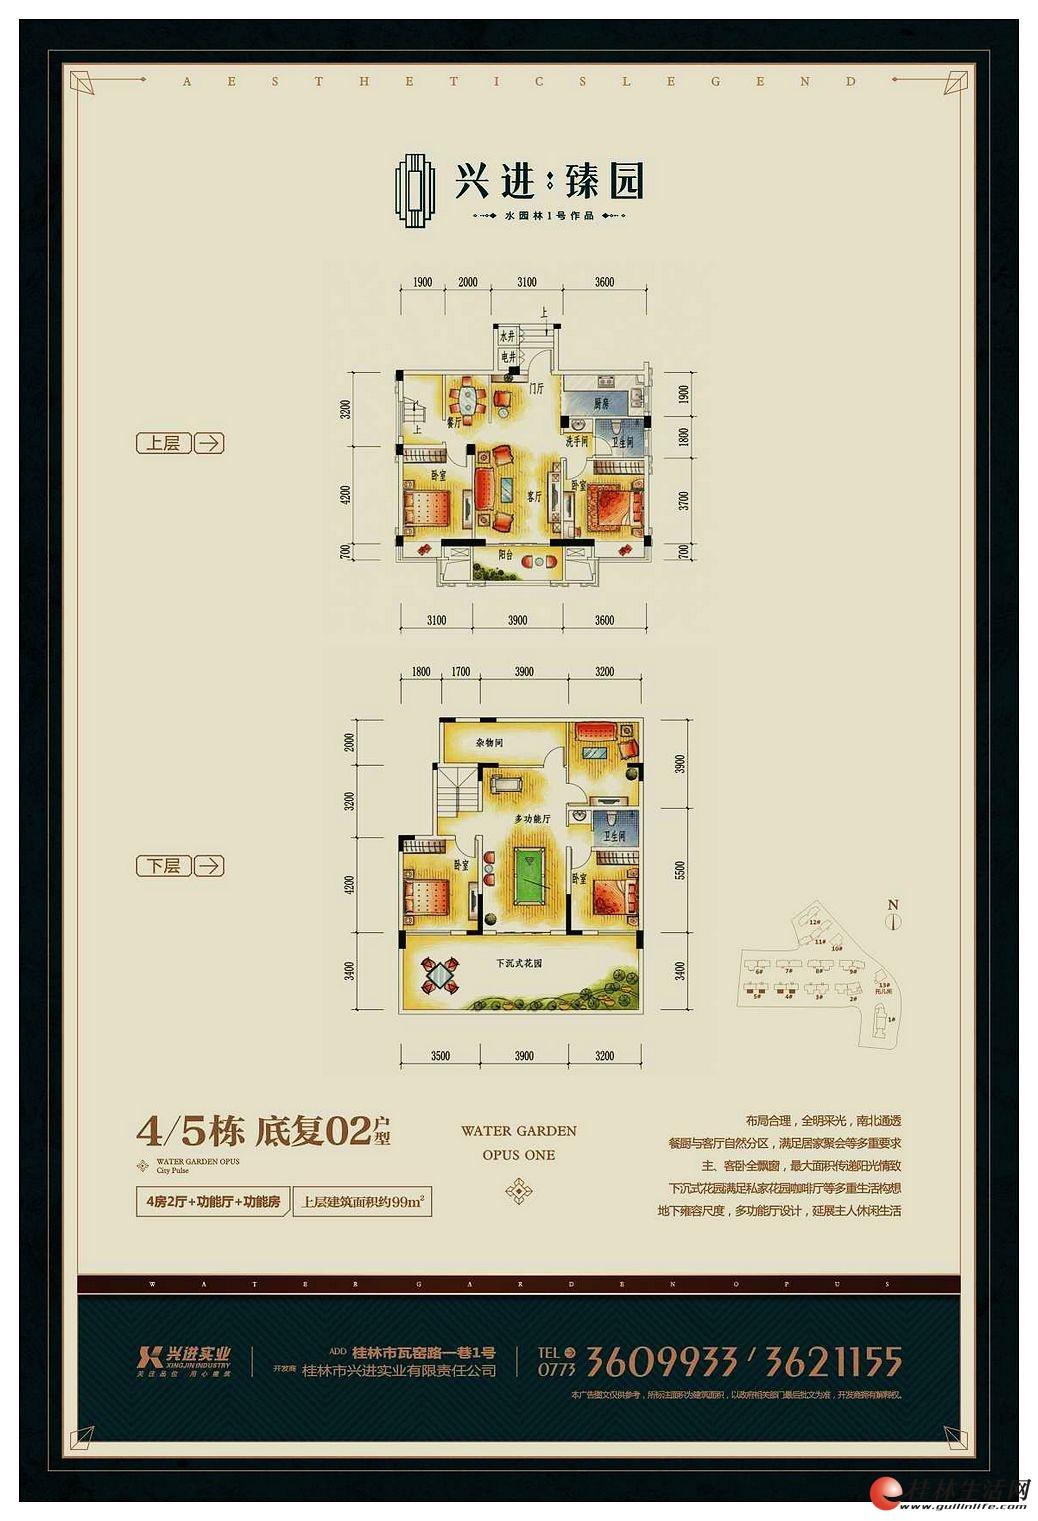 4/5栋 底复02户型 四房两厅+功能厅+功能房